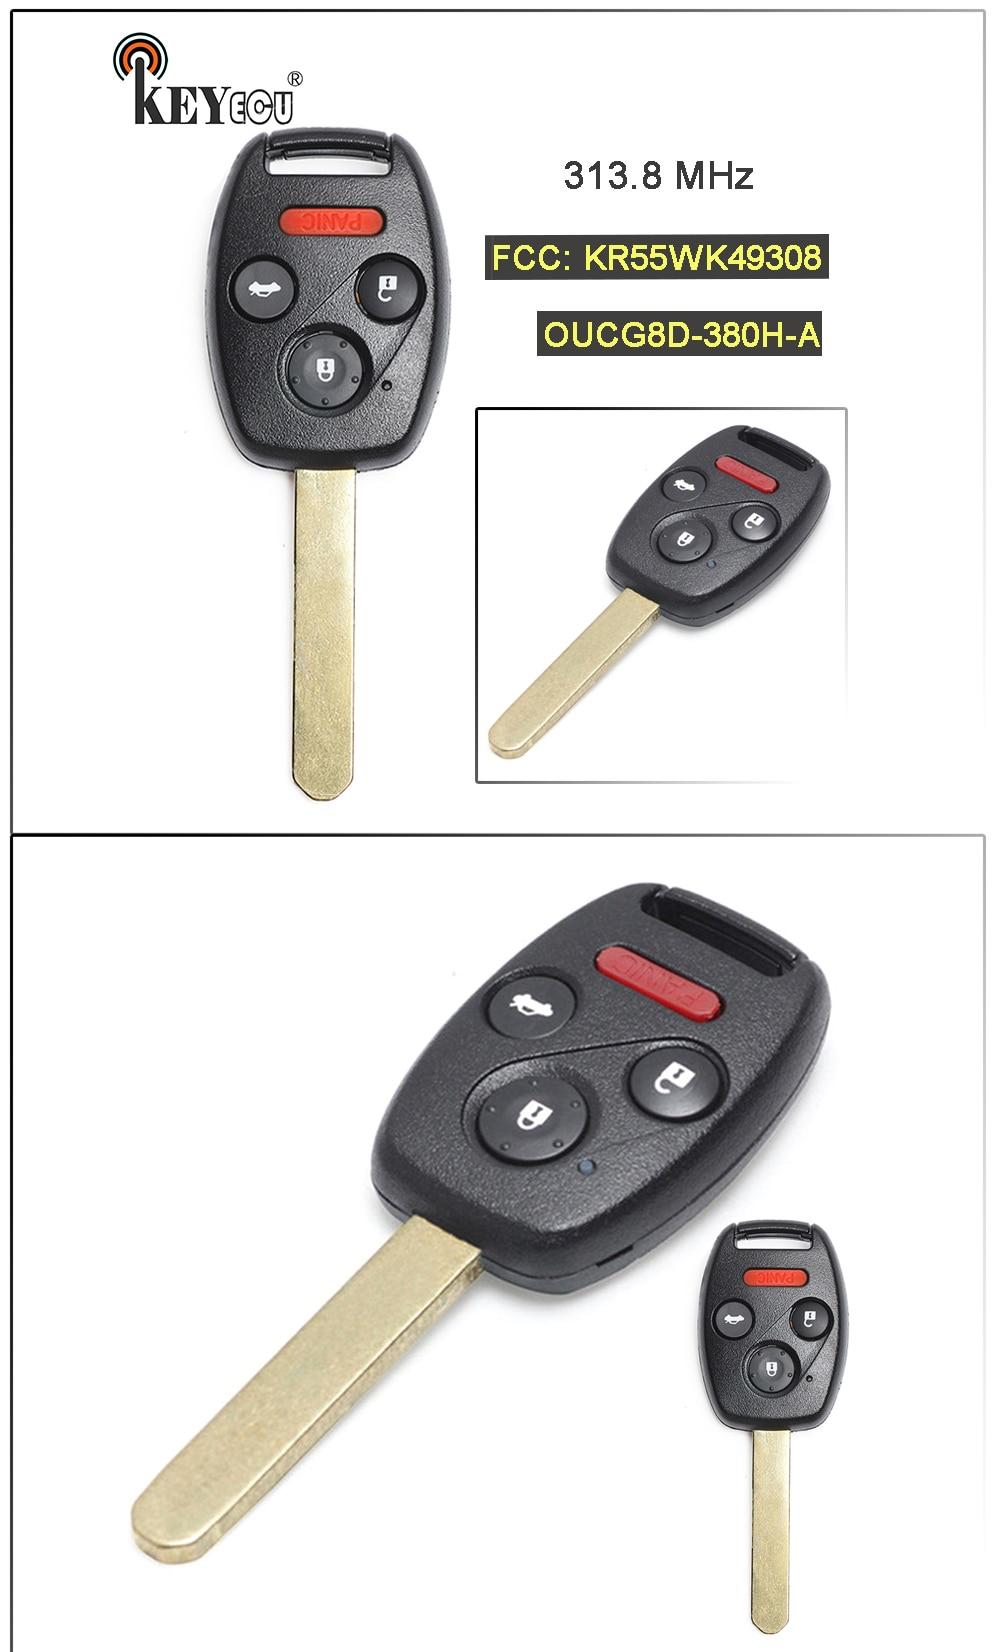 Remote Car Key Fob 3+1 Button for Honda Accord Sedan 2008-2012 FCC:KR55WK49308